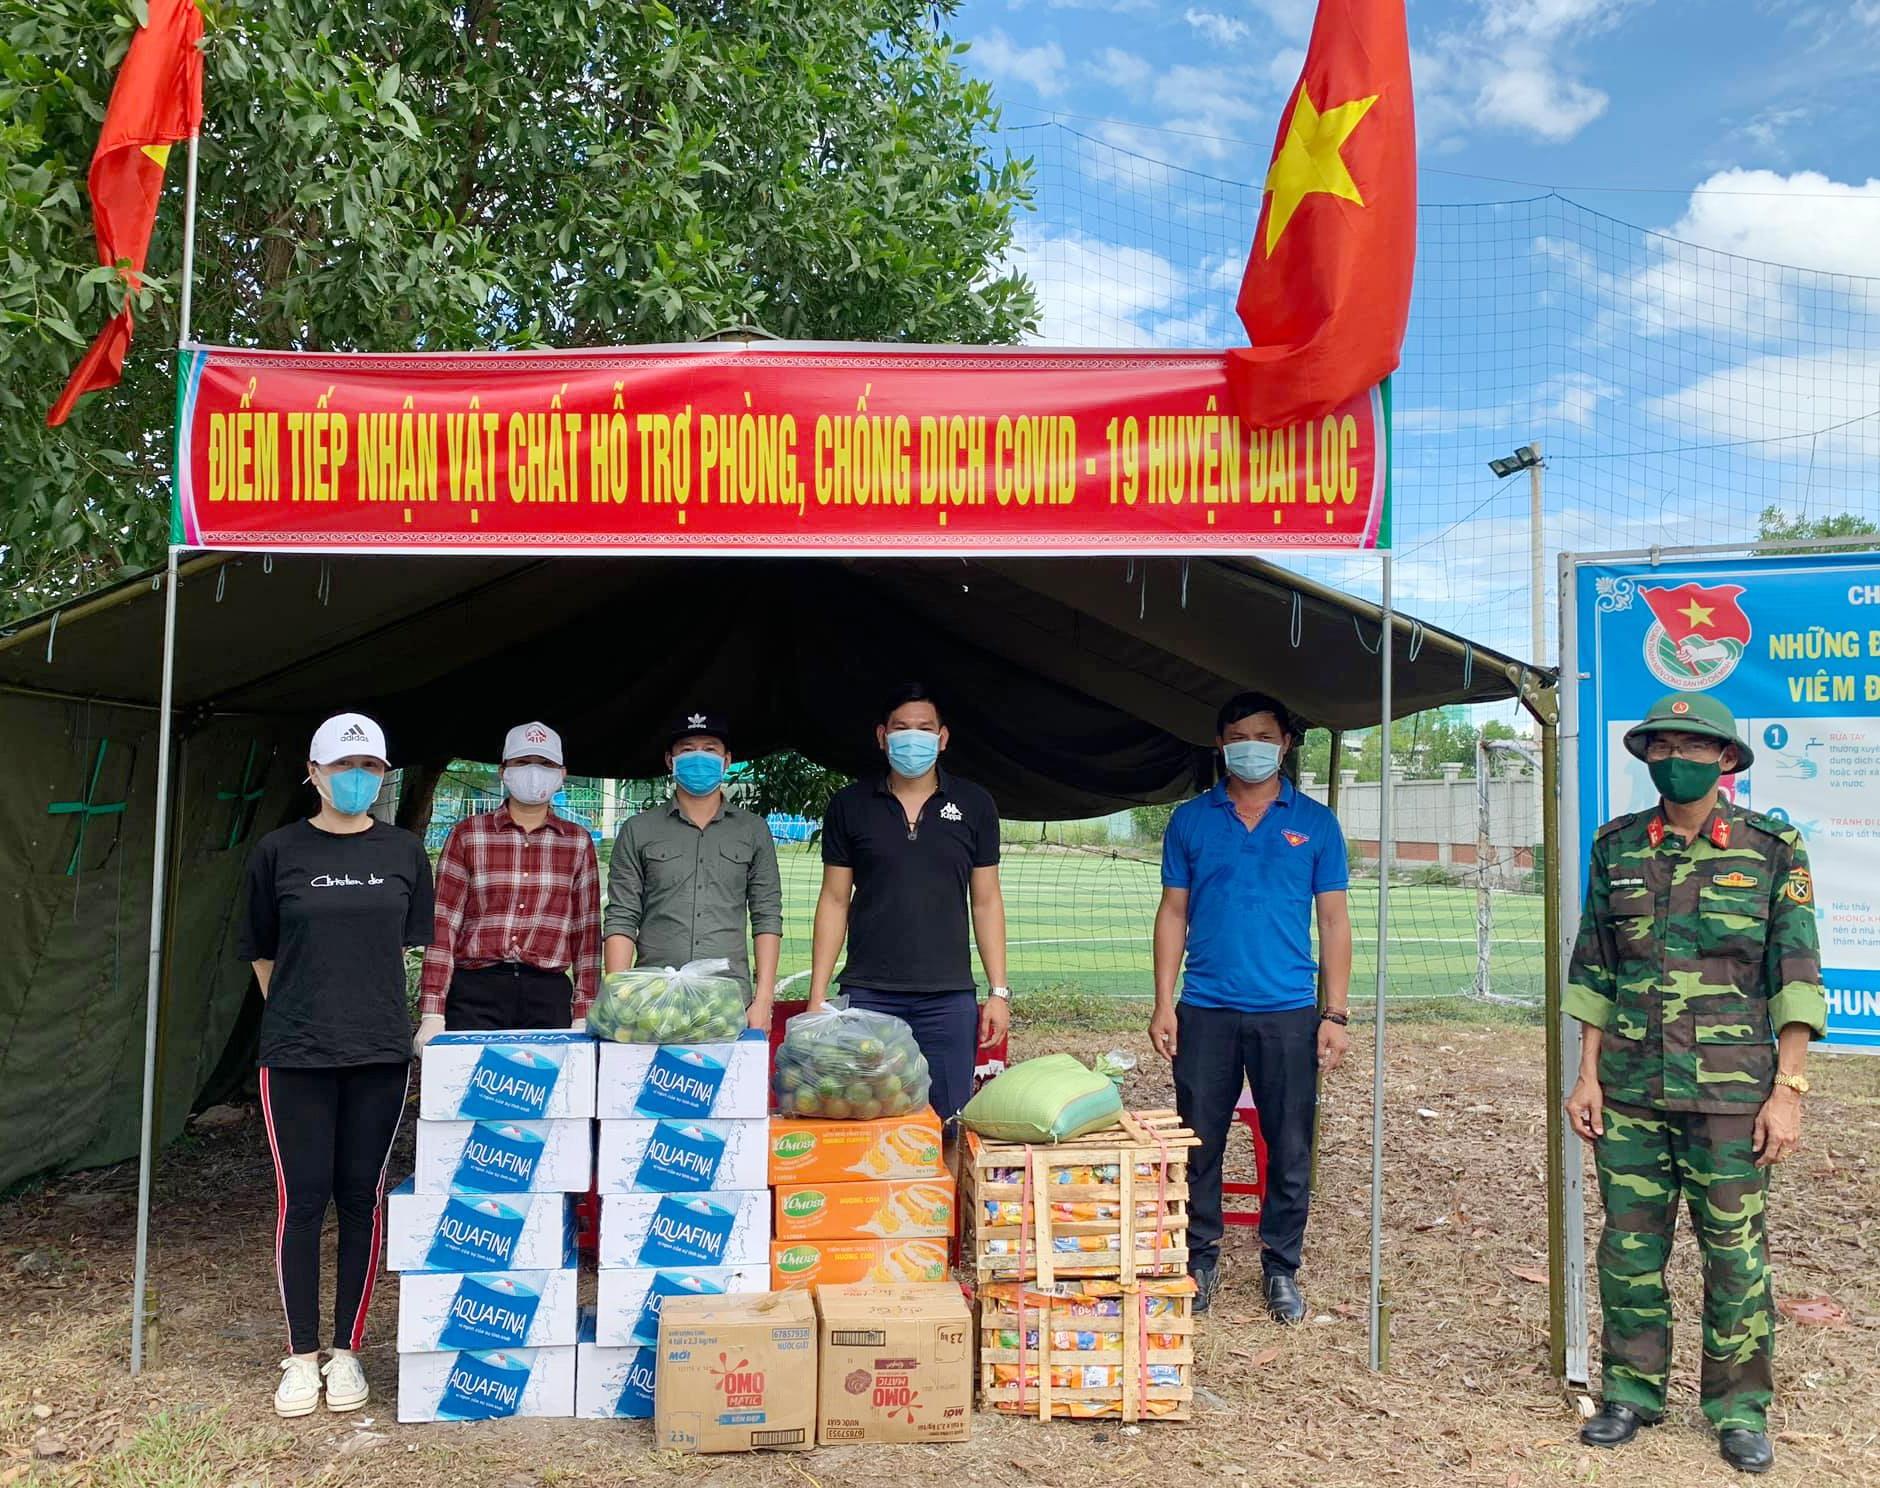 Điểm tiếp nhận hỗ trợ lương thực, vật tư, nhu yếu phẩm tại Cơ quan Quân sự huyện Đại Lộc. Ảnh: H.L